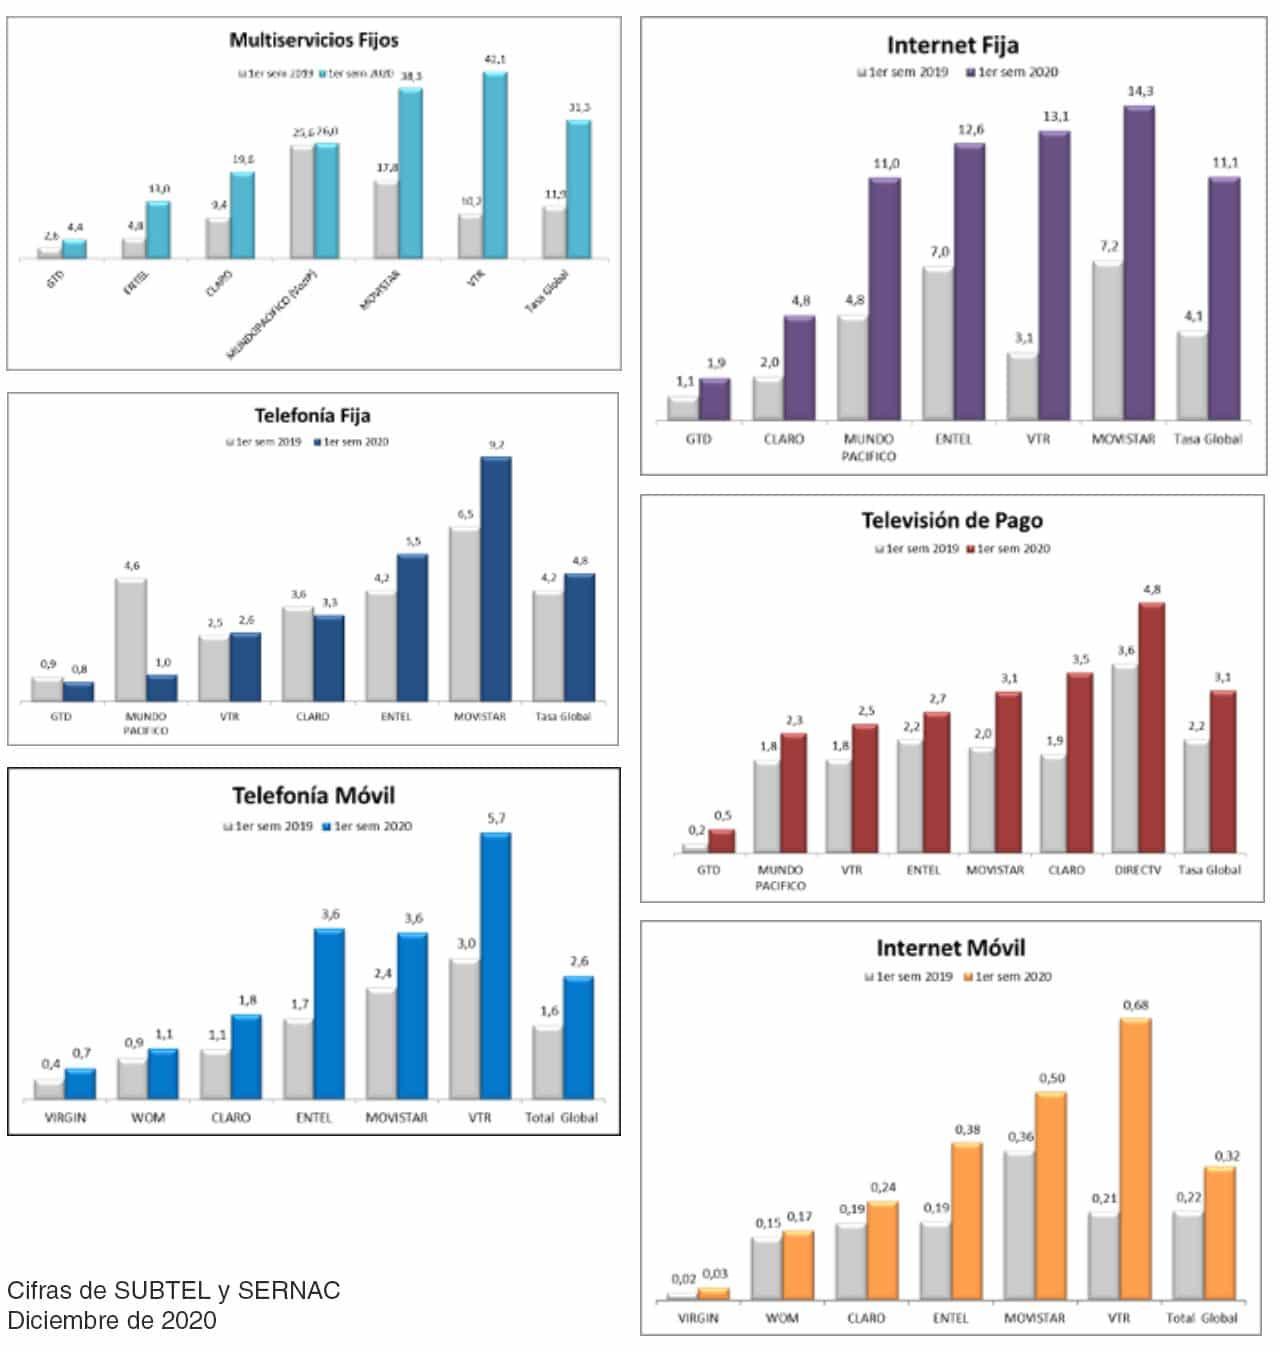 Reclamos por telecomunicaciones crecieron un 85%, siendo VTR la peor evaluada.